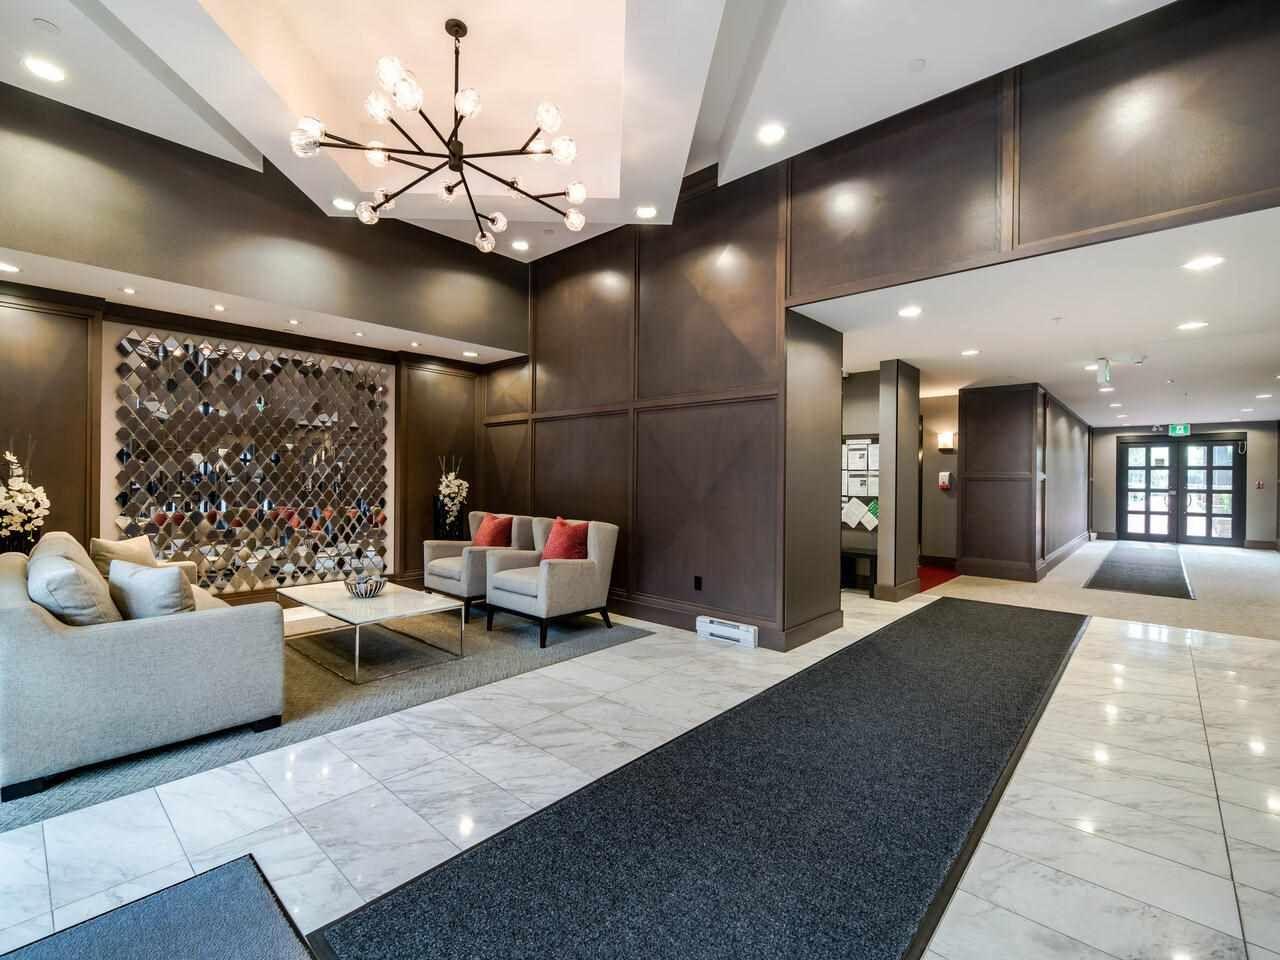 """Photo 17: Photos: 211 15168 33 Avenue in Surrey: Morgan Creek Condo for sale in """"ELGIN HOUSE"""" (South Surrey White Rock)  : MLS®# R2501383"""